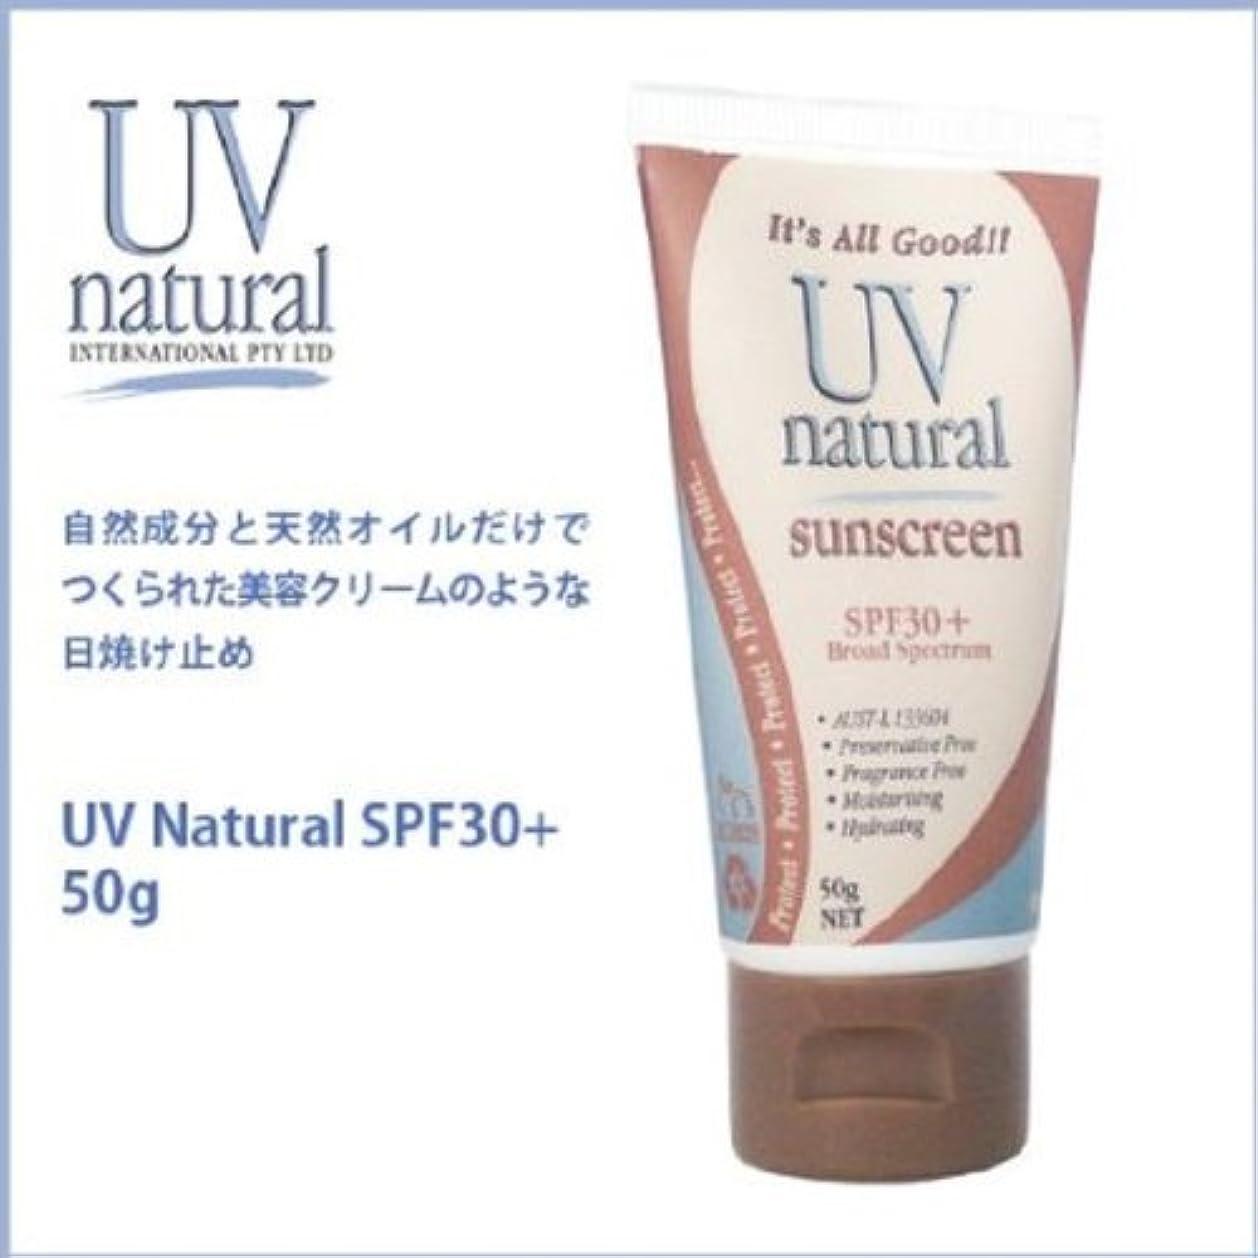 接辞ぬいぐるみ単調な【UV NATURAL】日焼け止め Natural SPF30+ 50g 3本セット